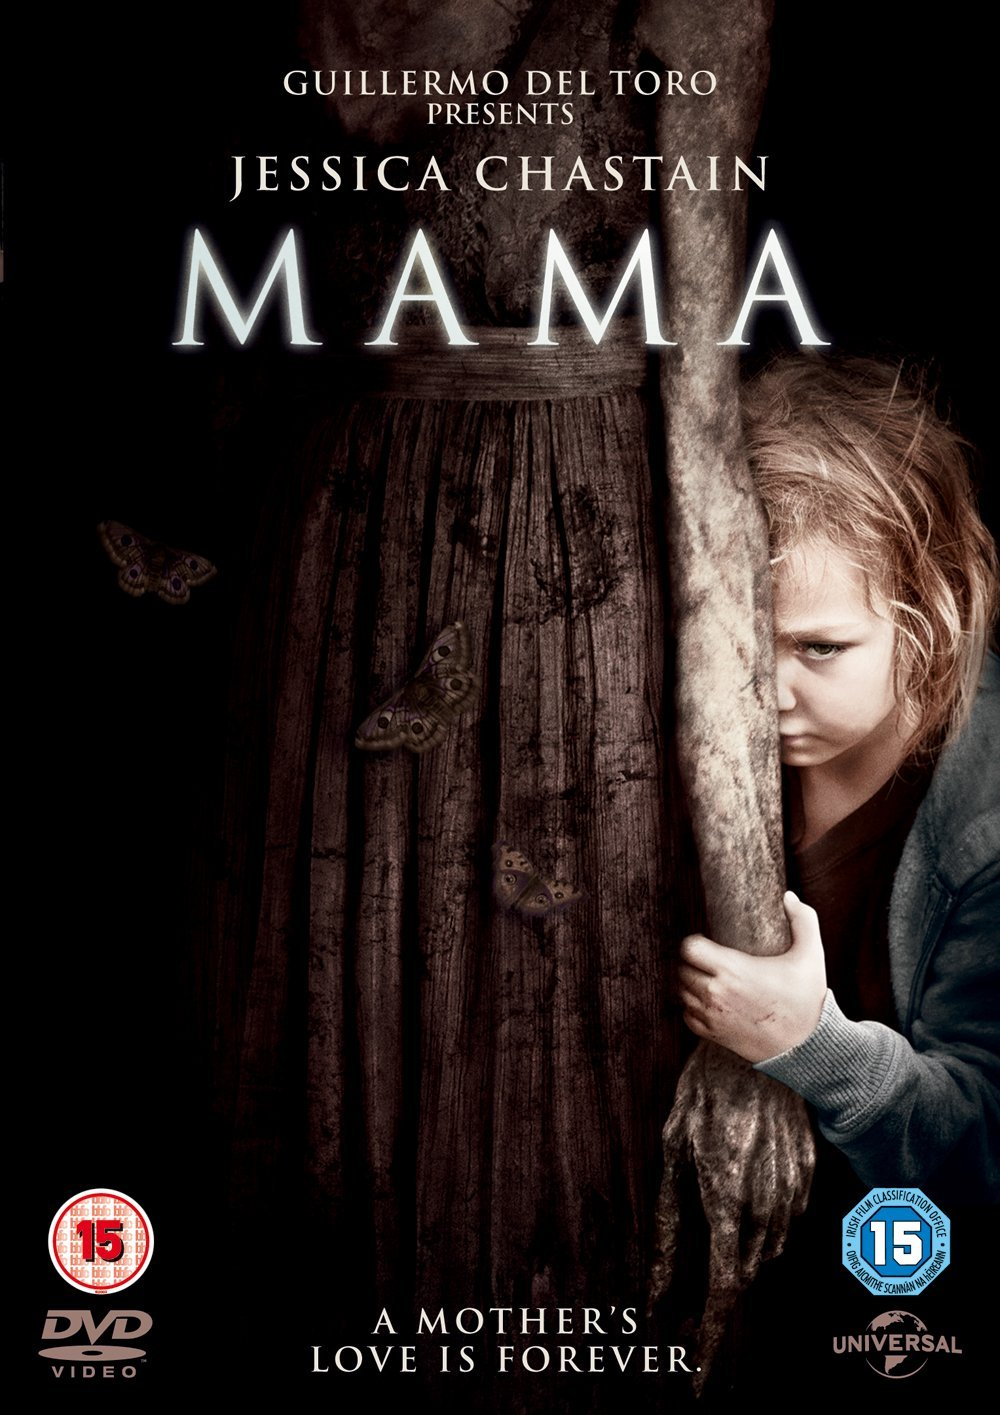 دانلود فیلم ترسناک ماما Mama 2013